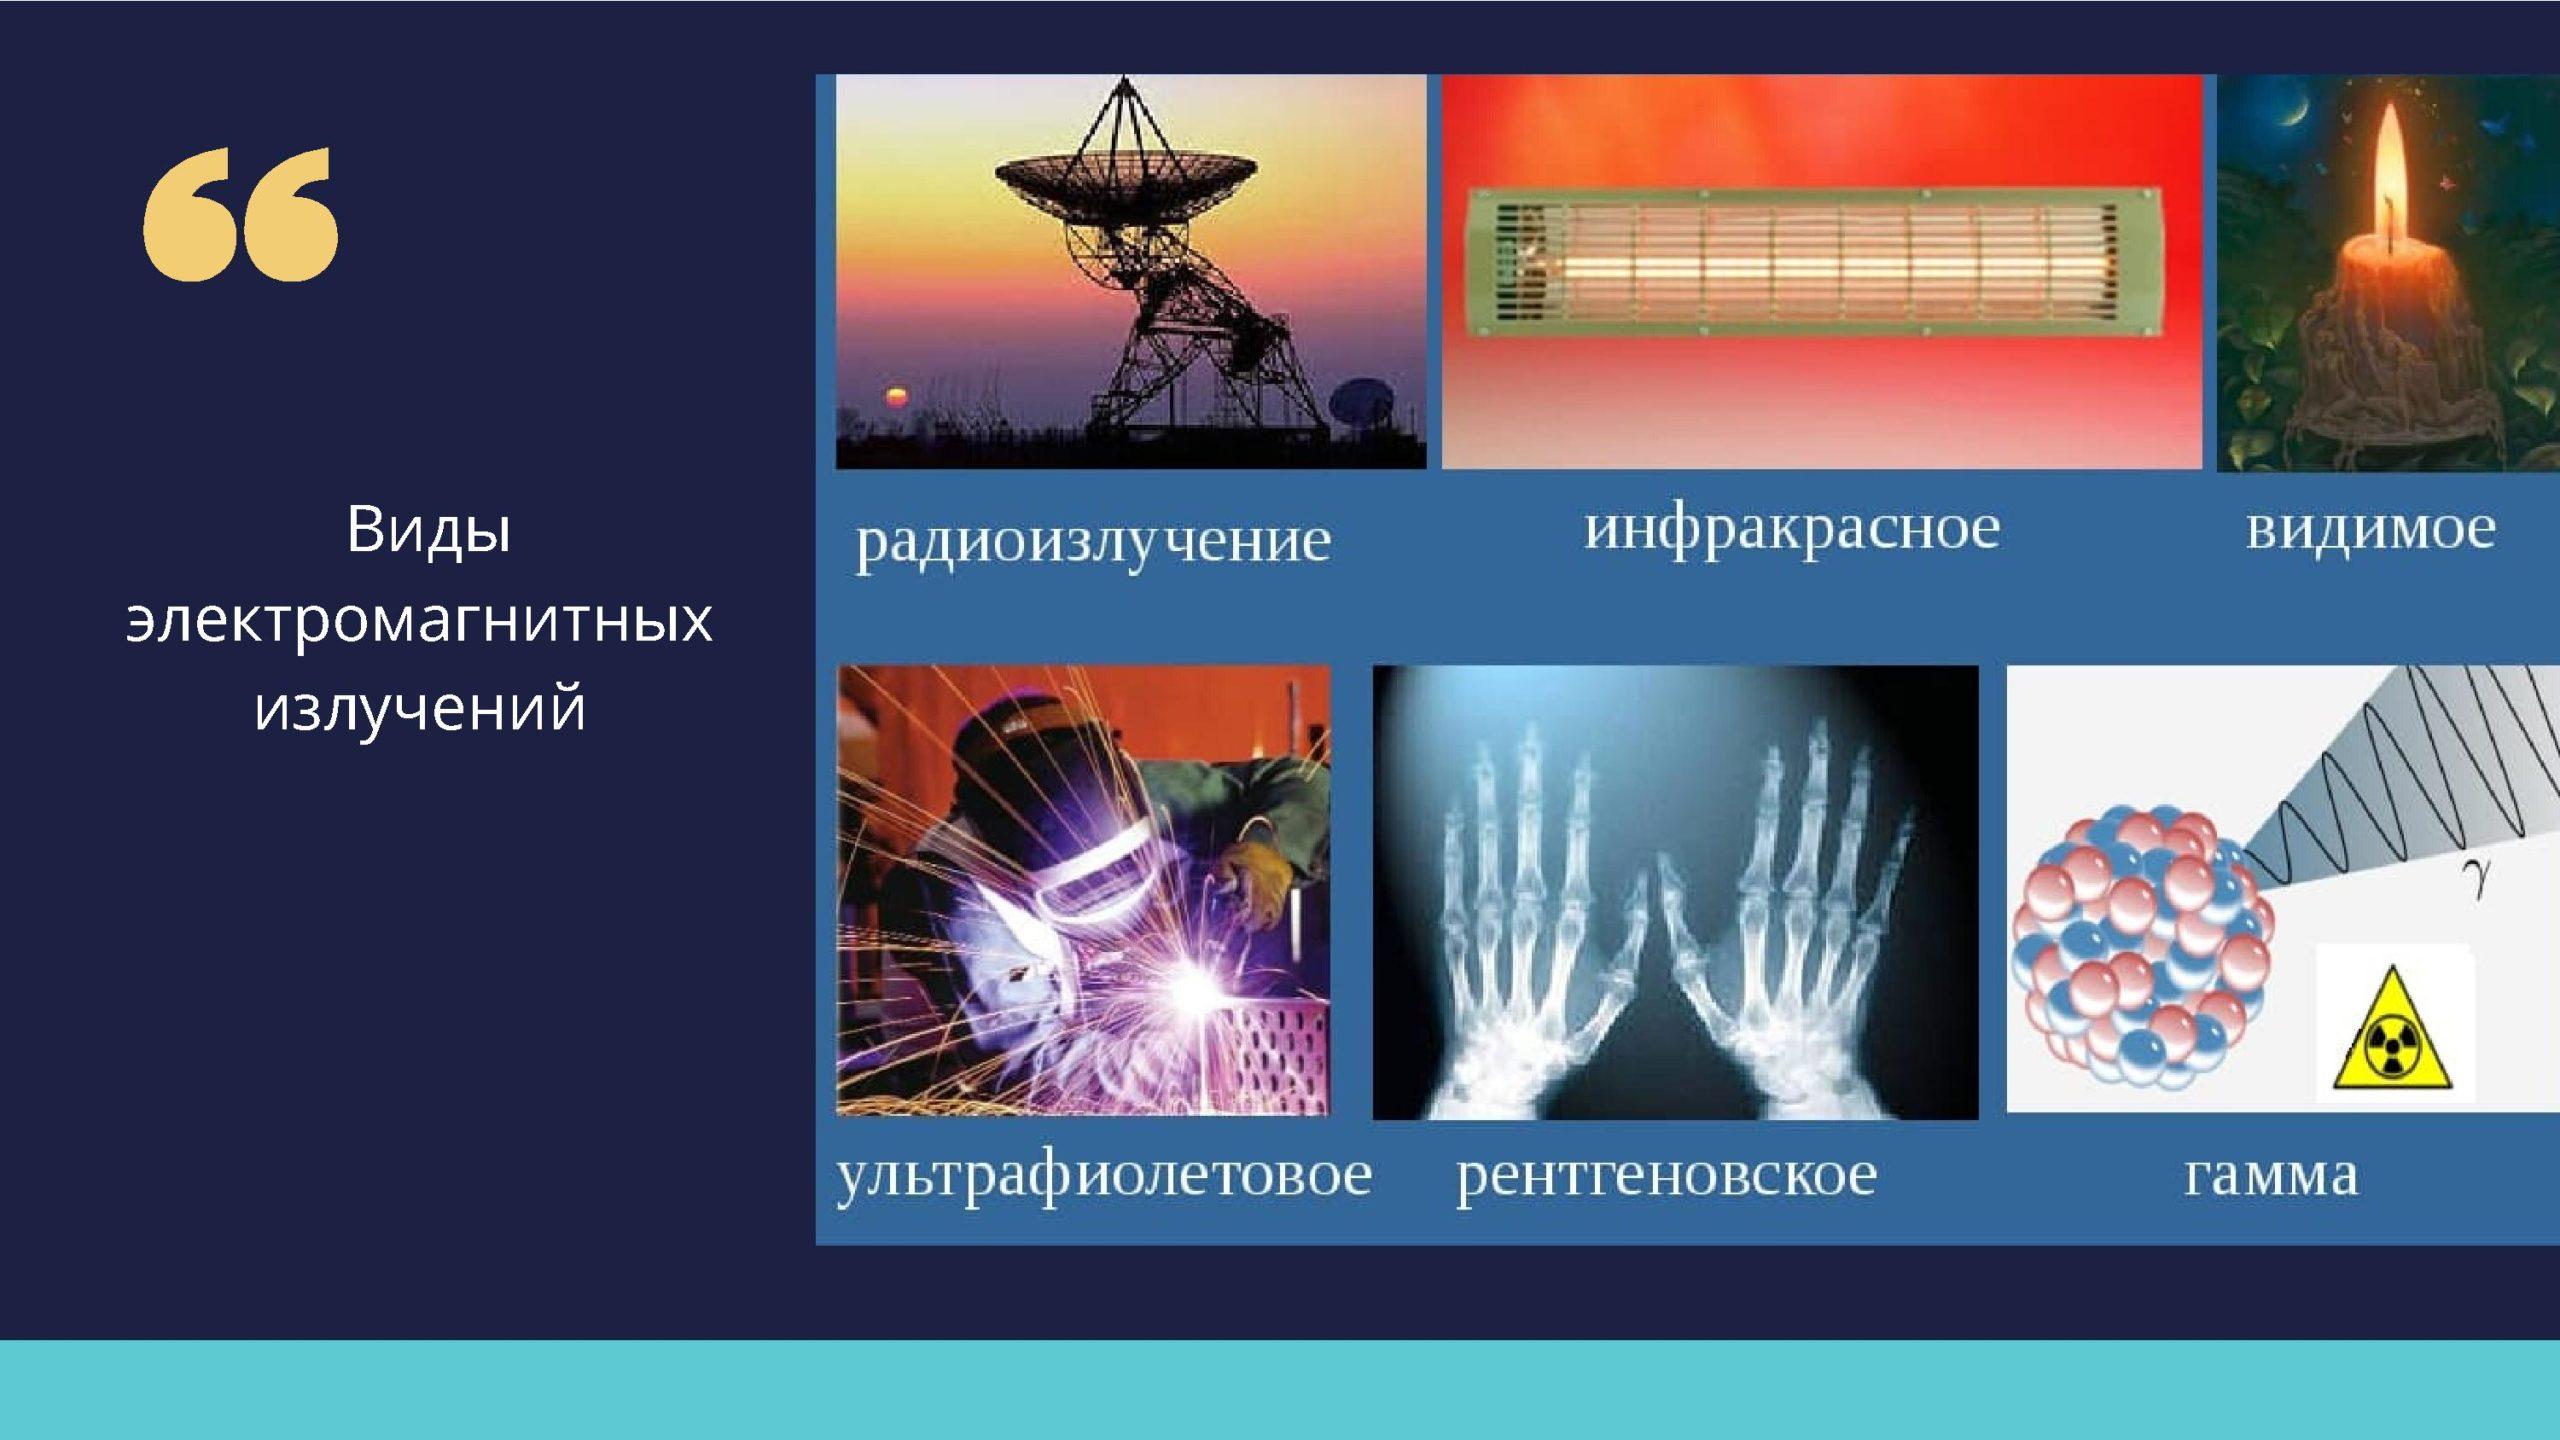 Виды электромагнитных излучений